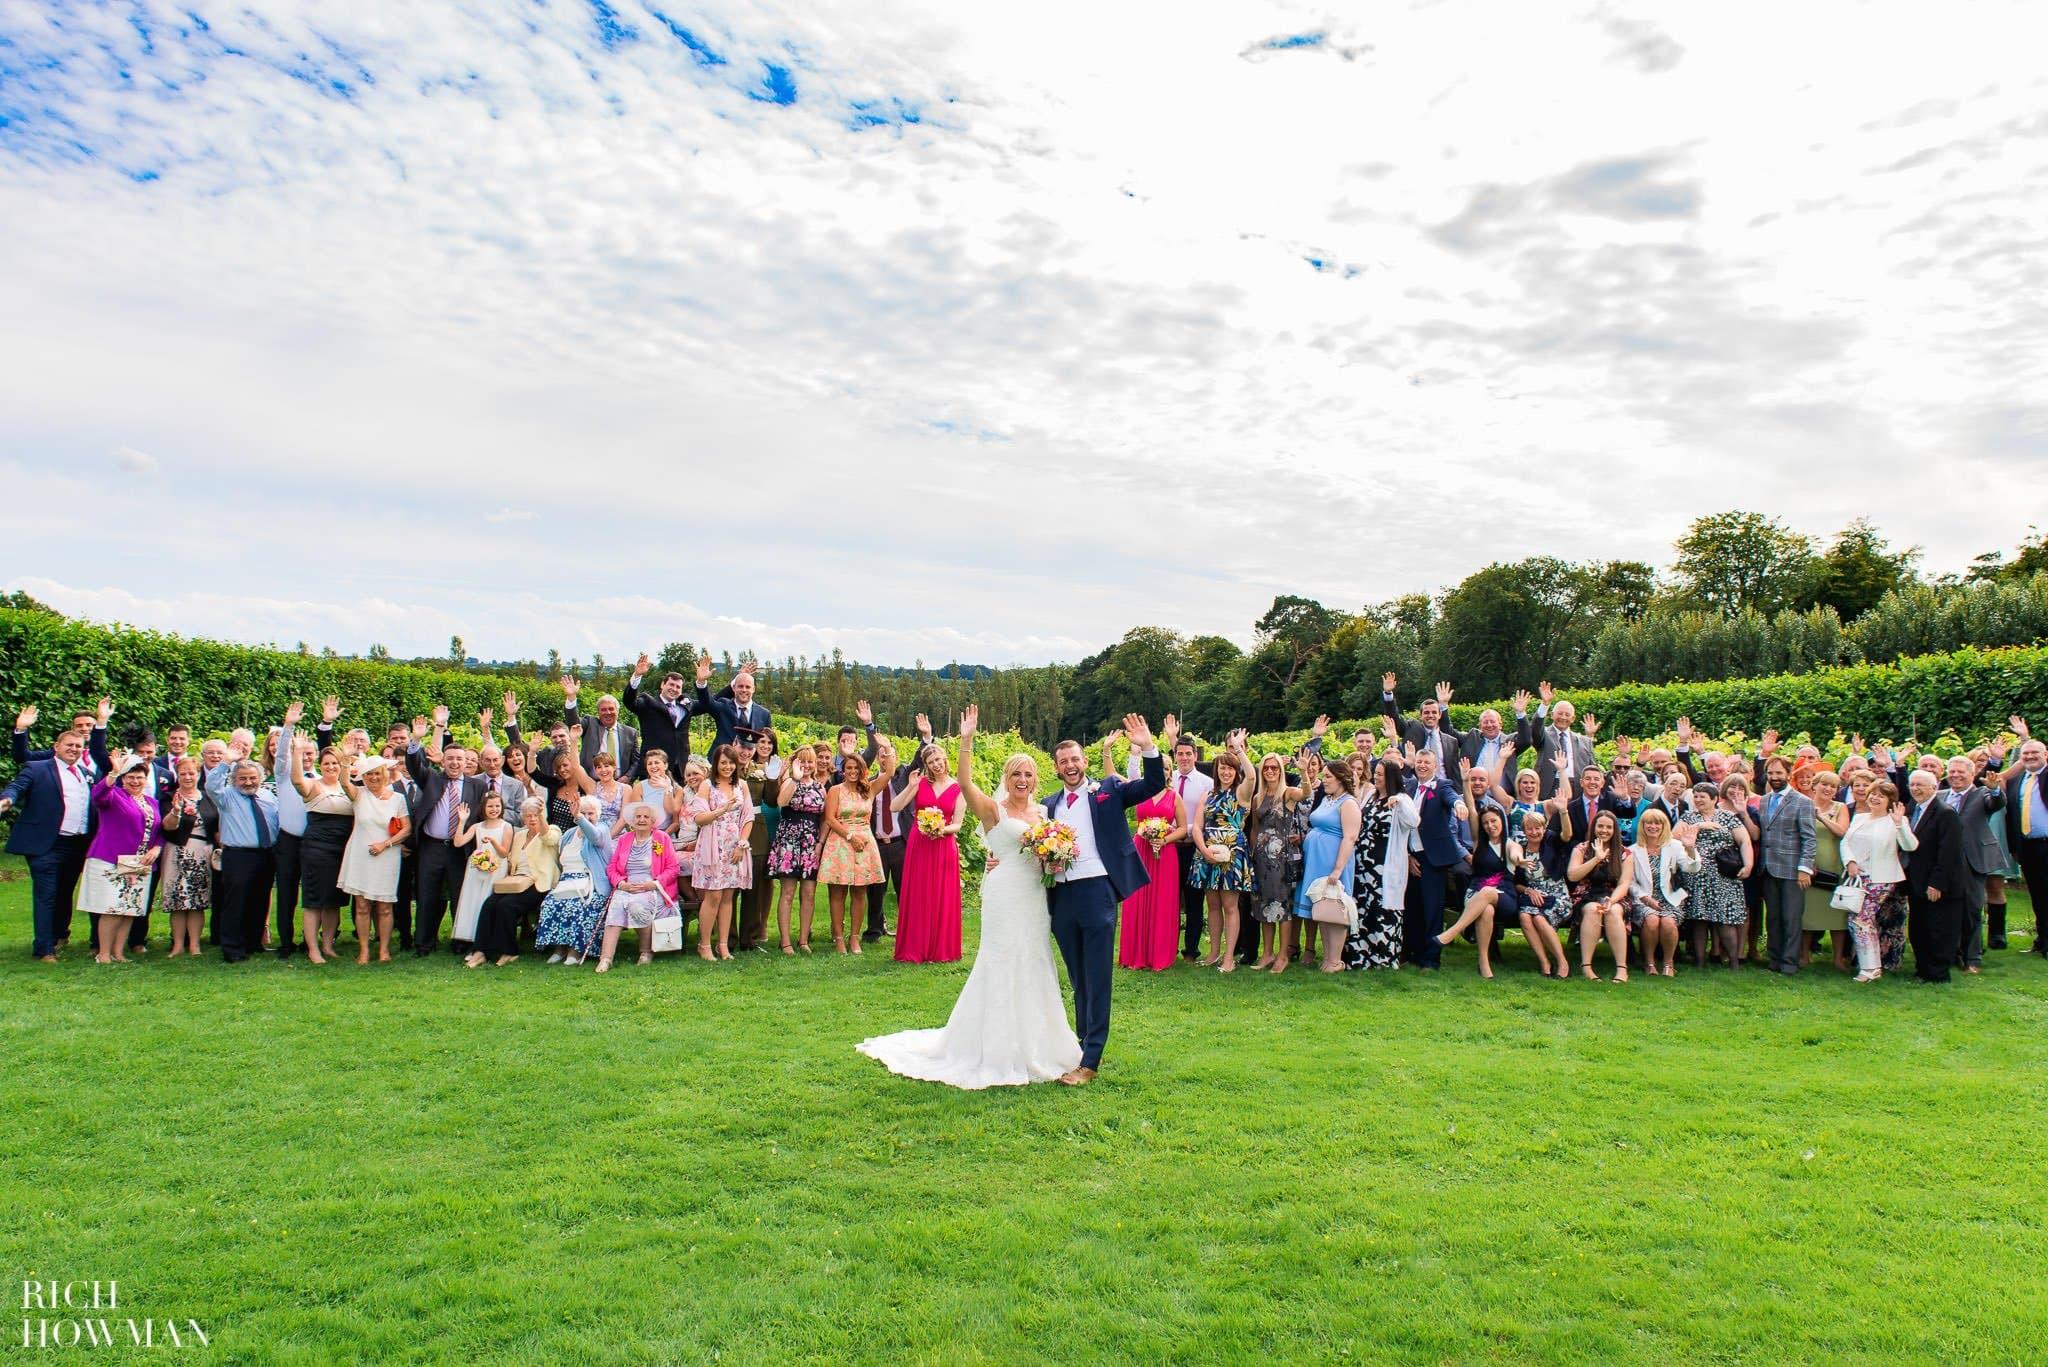 Llanerch Vineyard Wedding Photography by Rich Howman 42